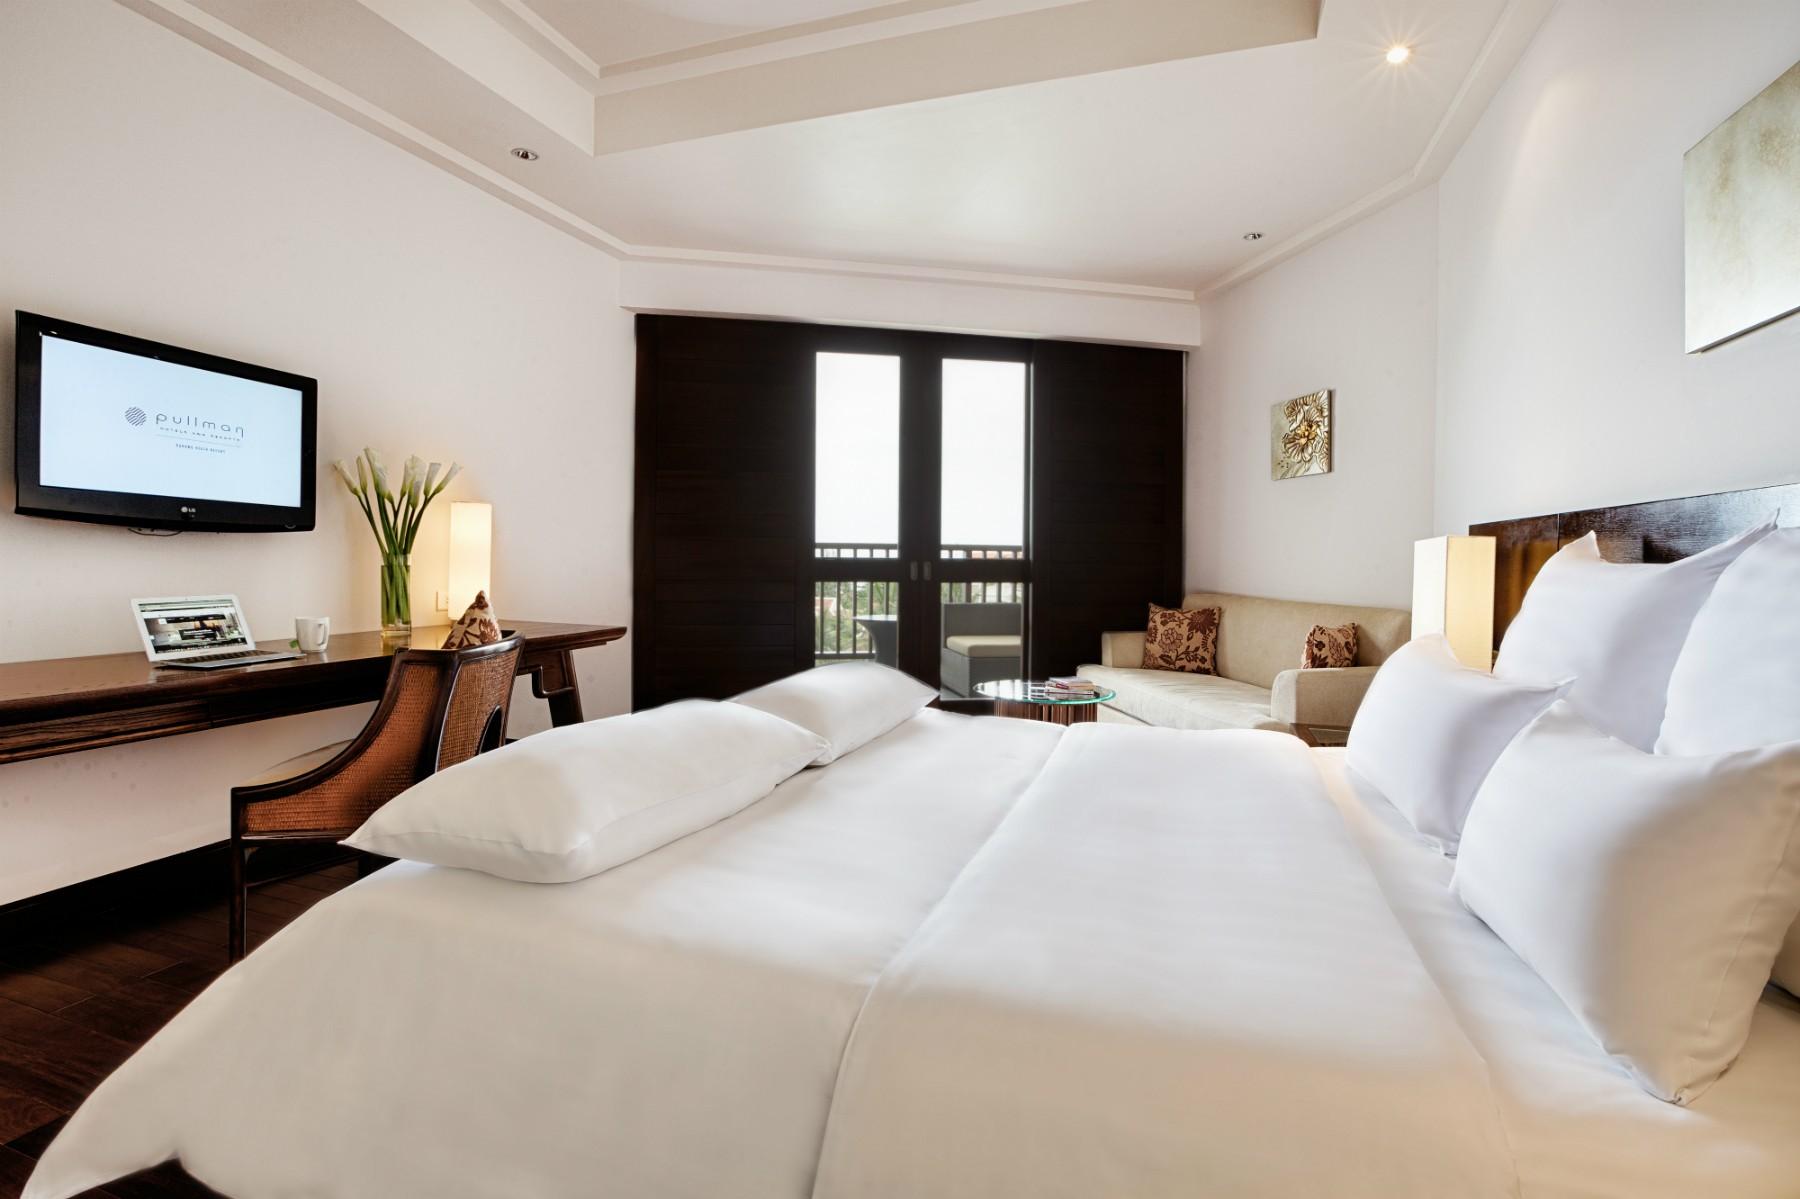 Phòng Deluxe tại Pullman Resort Đà Nẵng